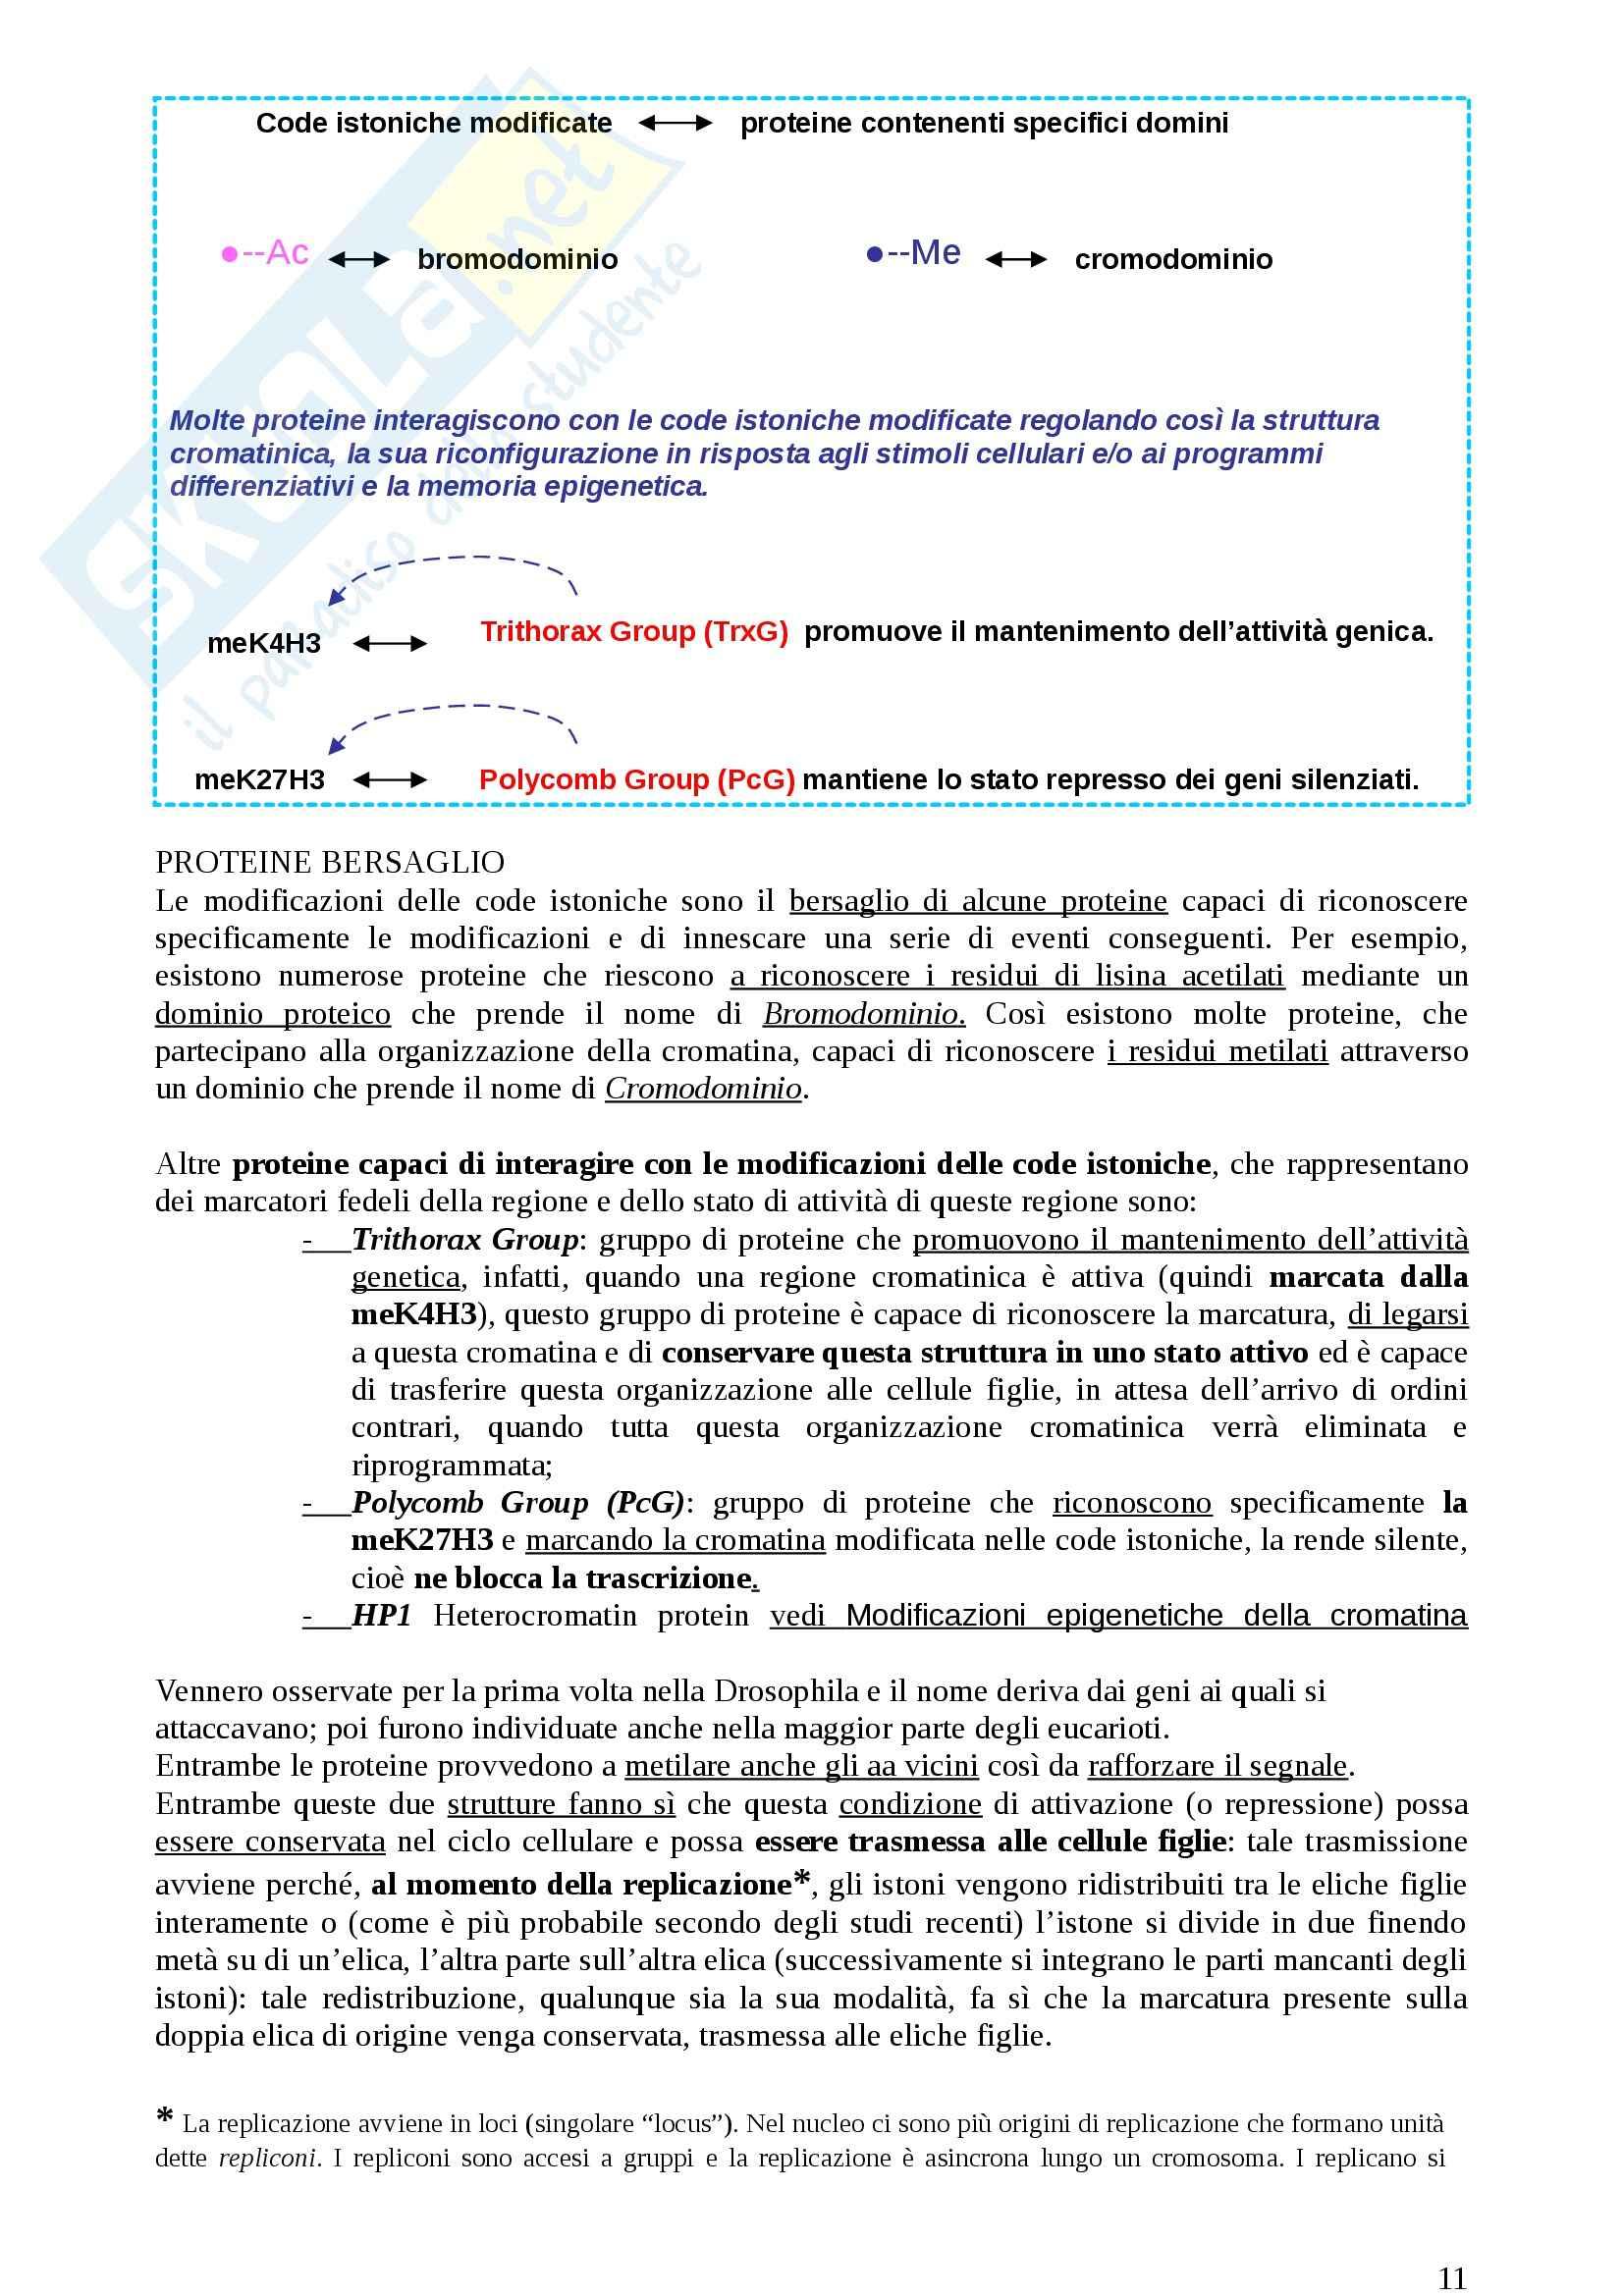 Lezioni, Genetica medica Pag. 11